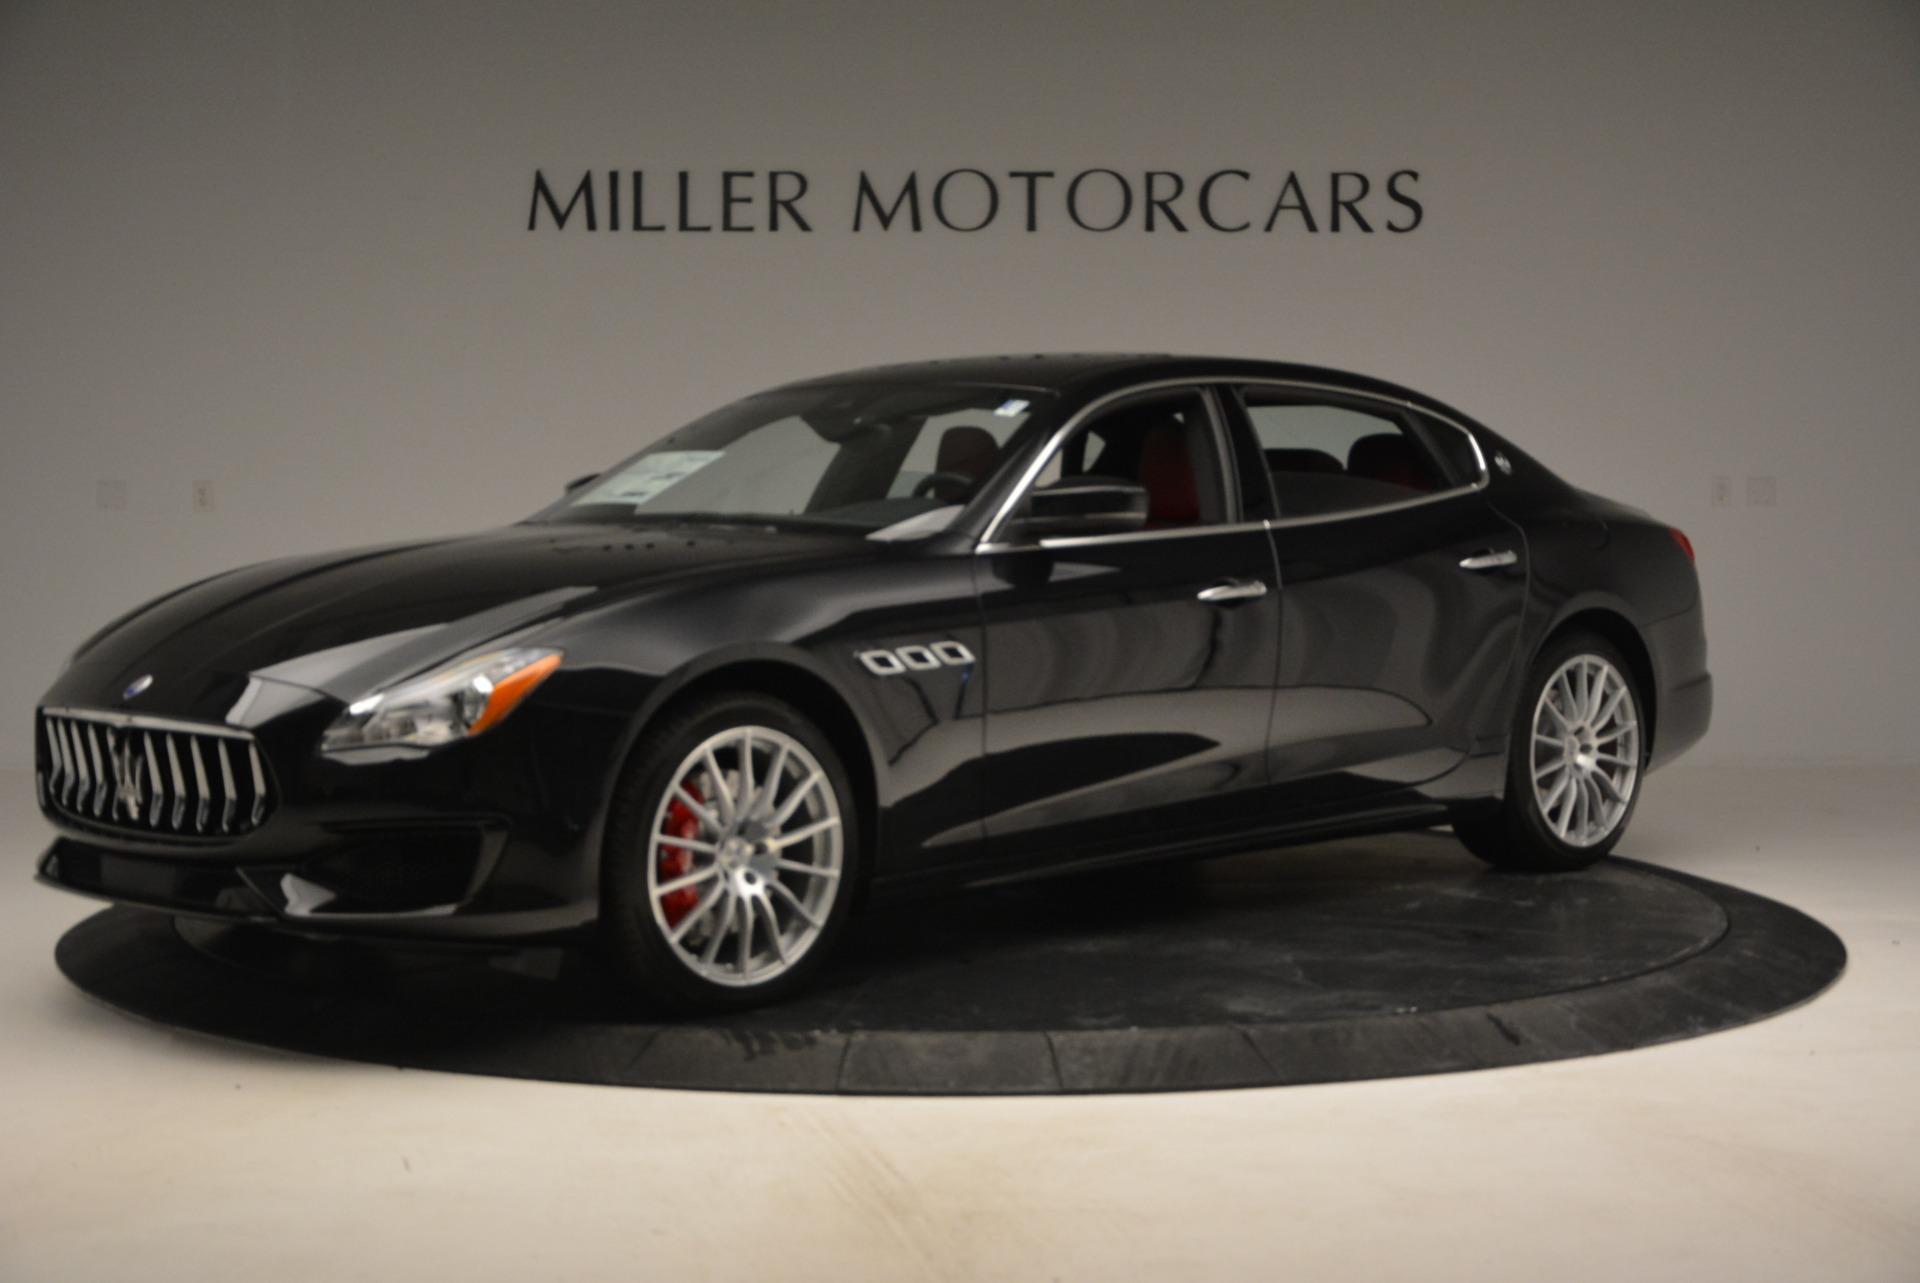 New 2017 Maserati Quattroporte S Q4 GranSport For Sale In Westport, CT 790_p2